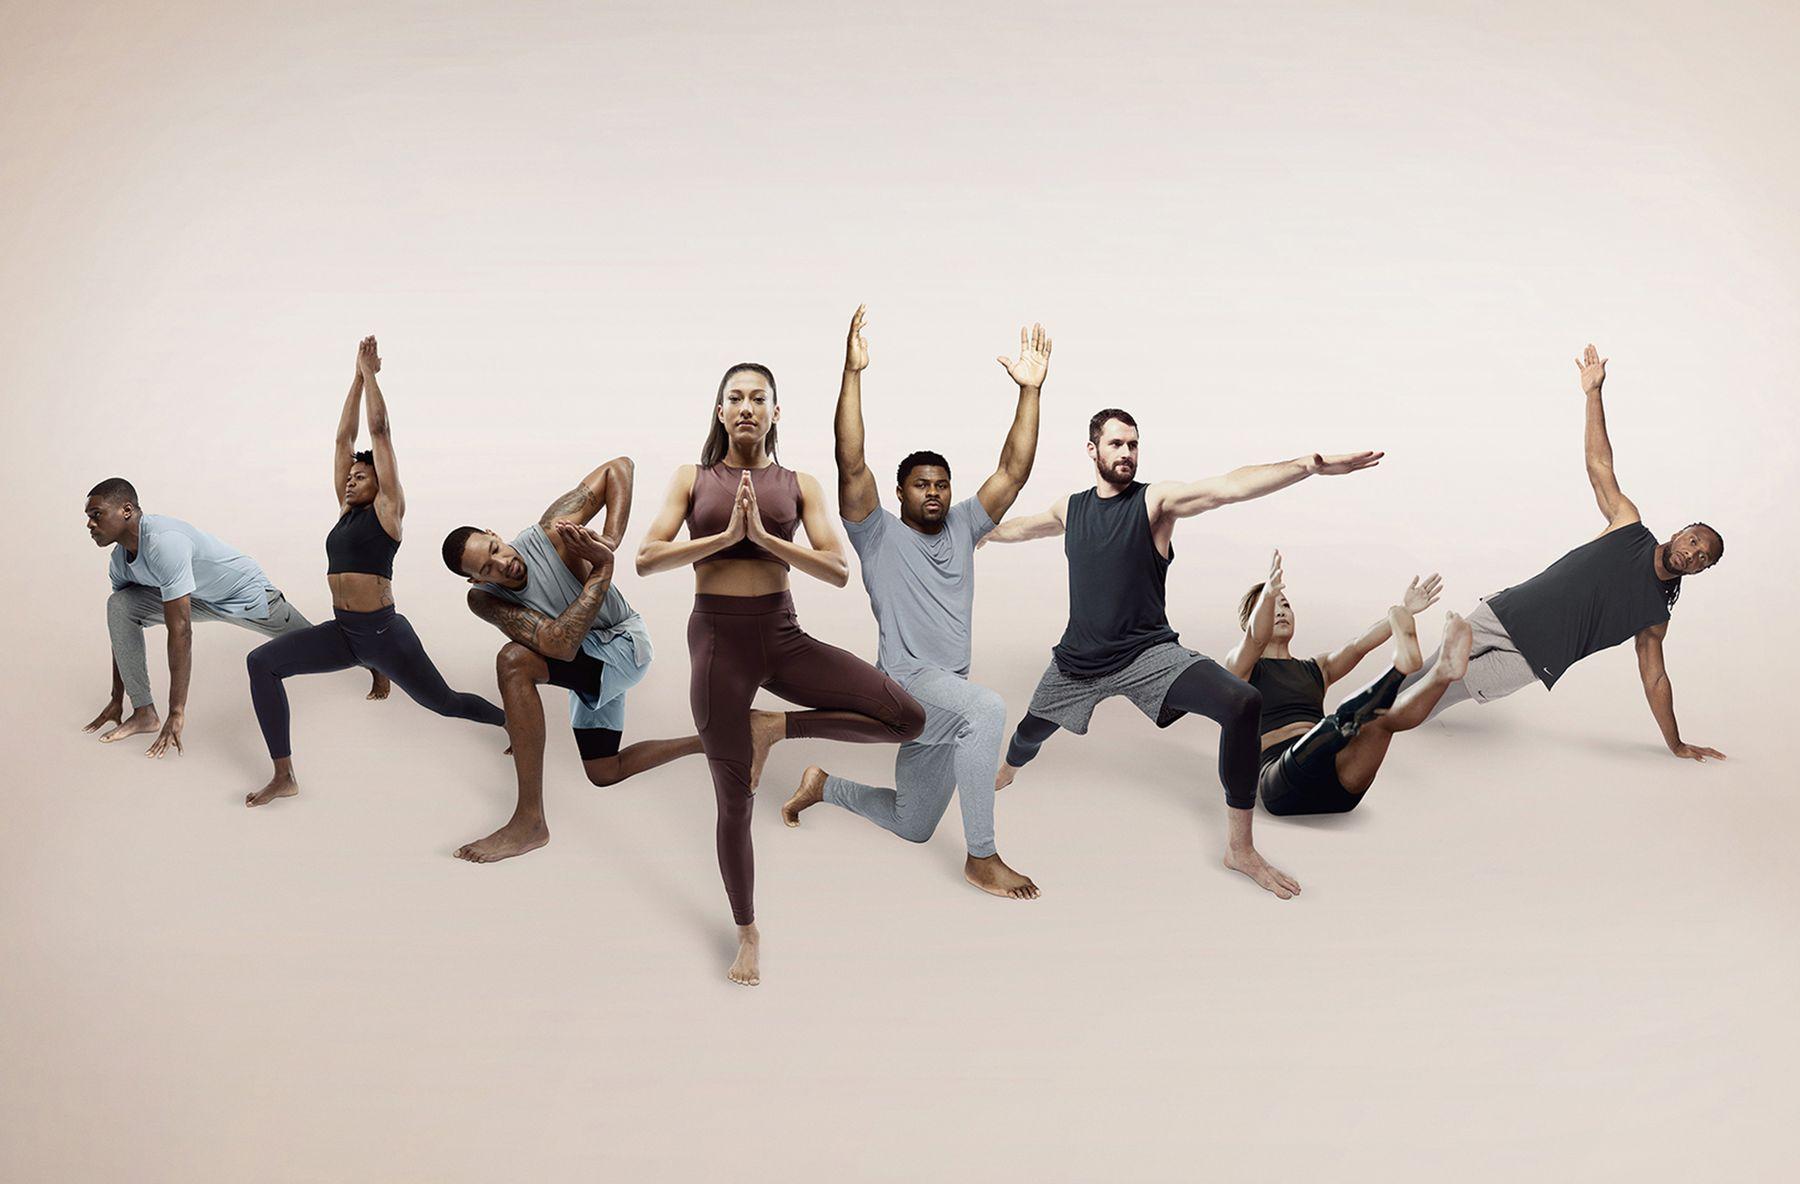 yoga-nike-sports